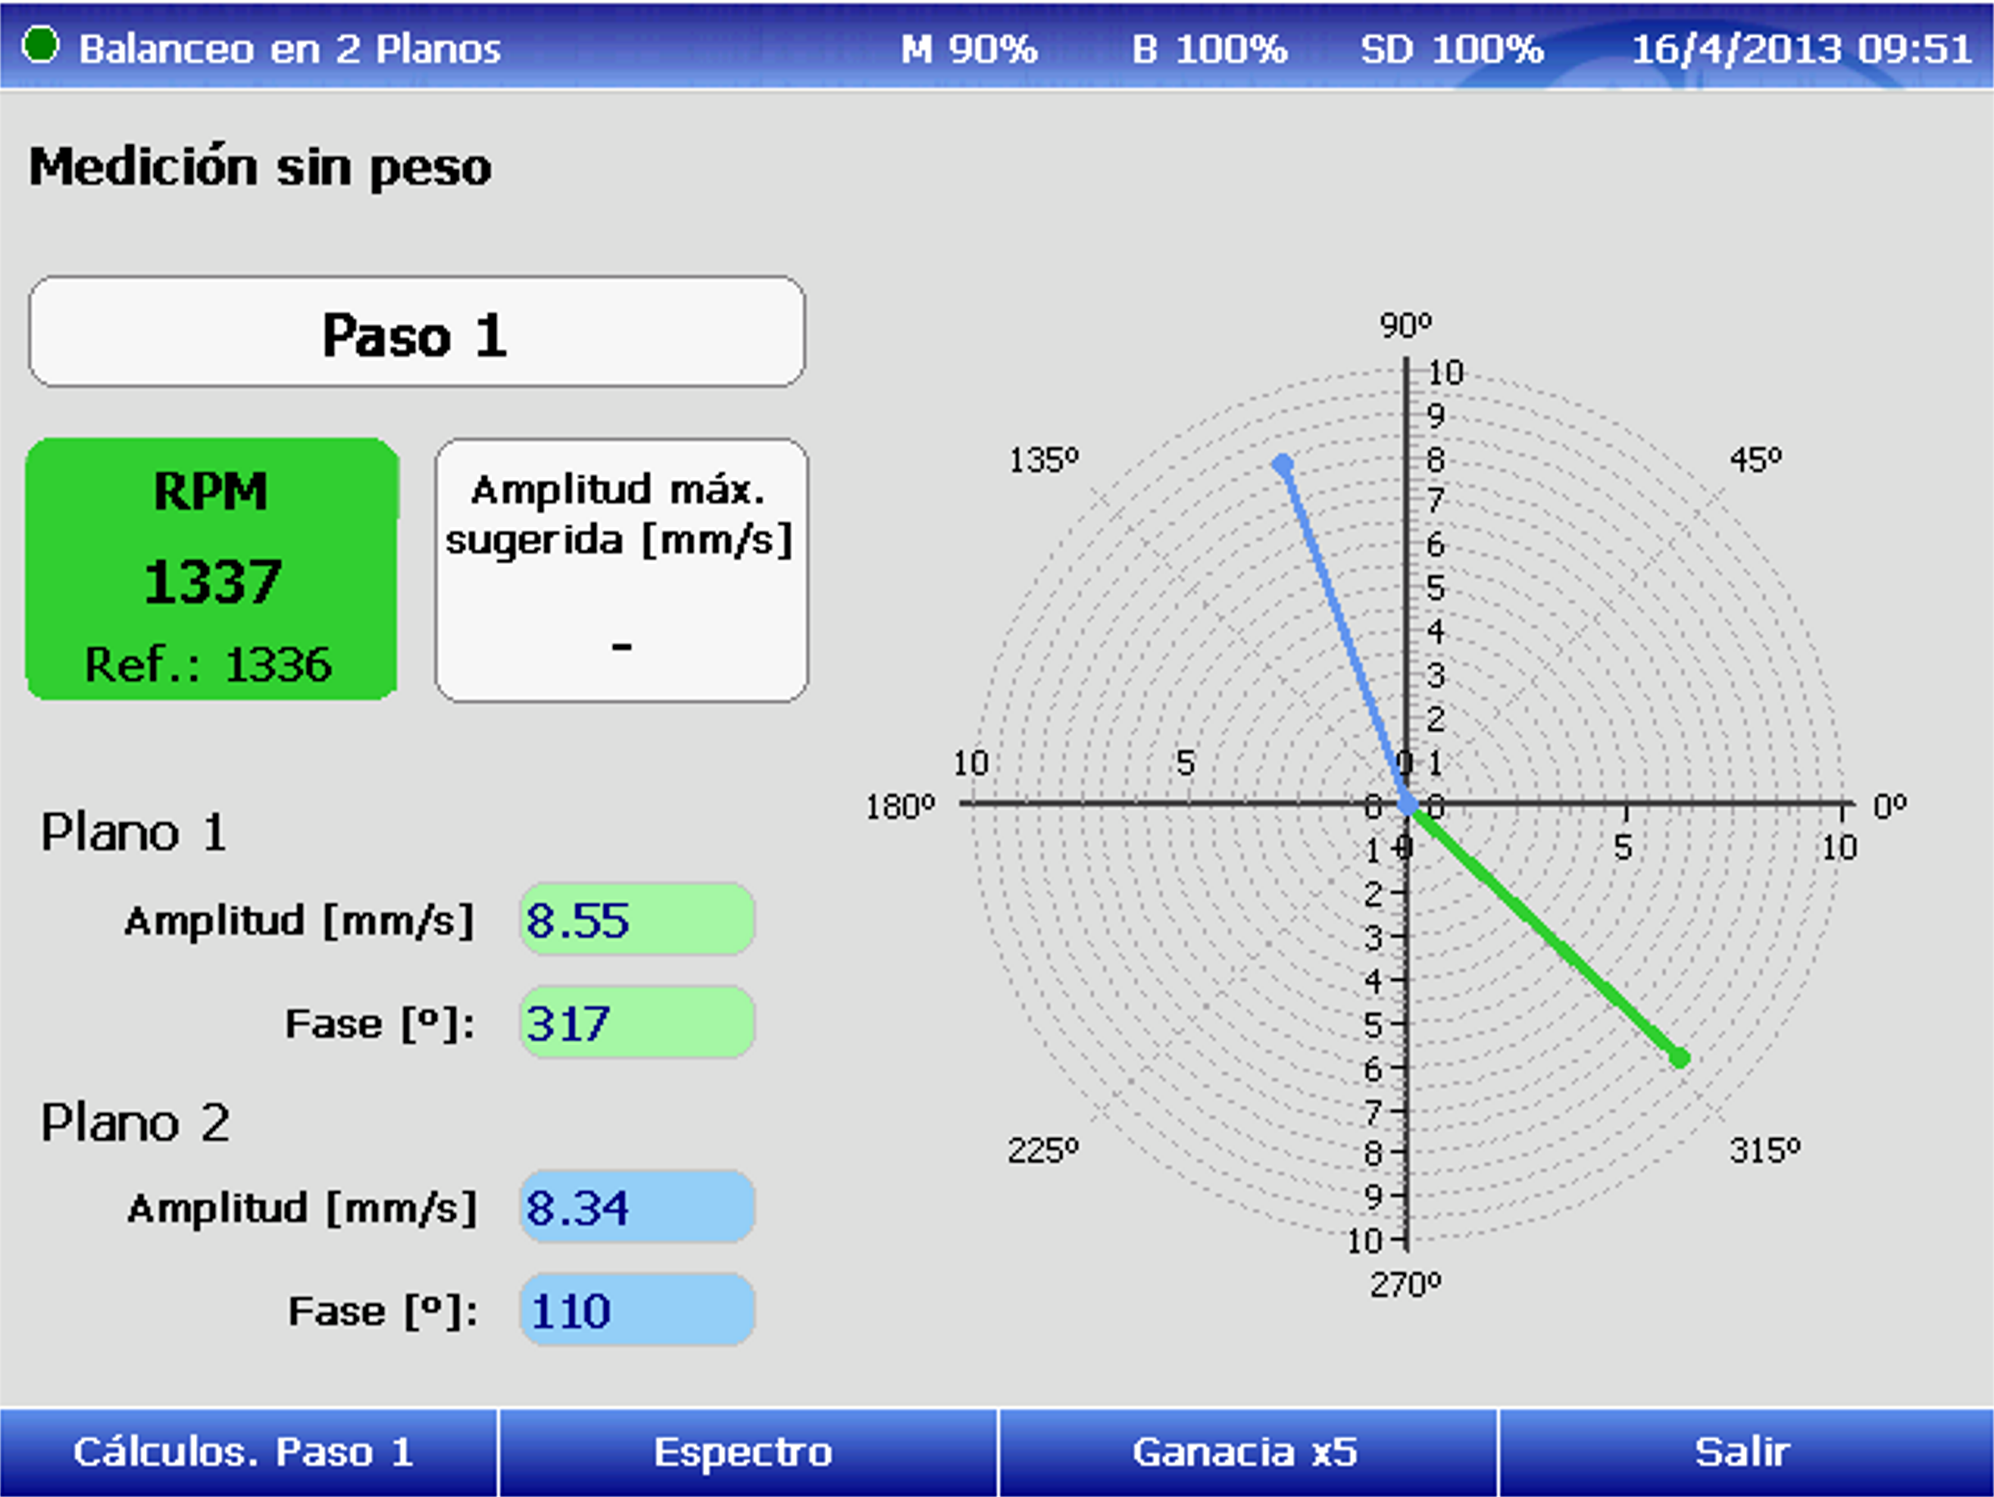 Paso 1 medición vibración